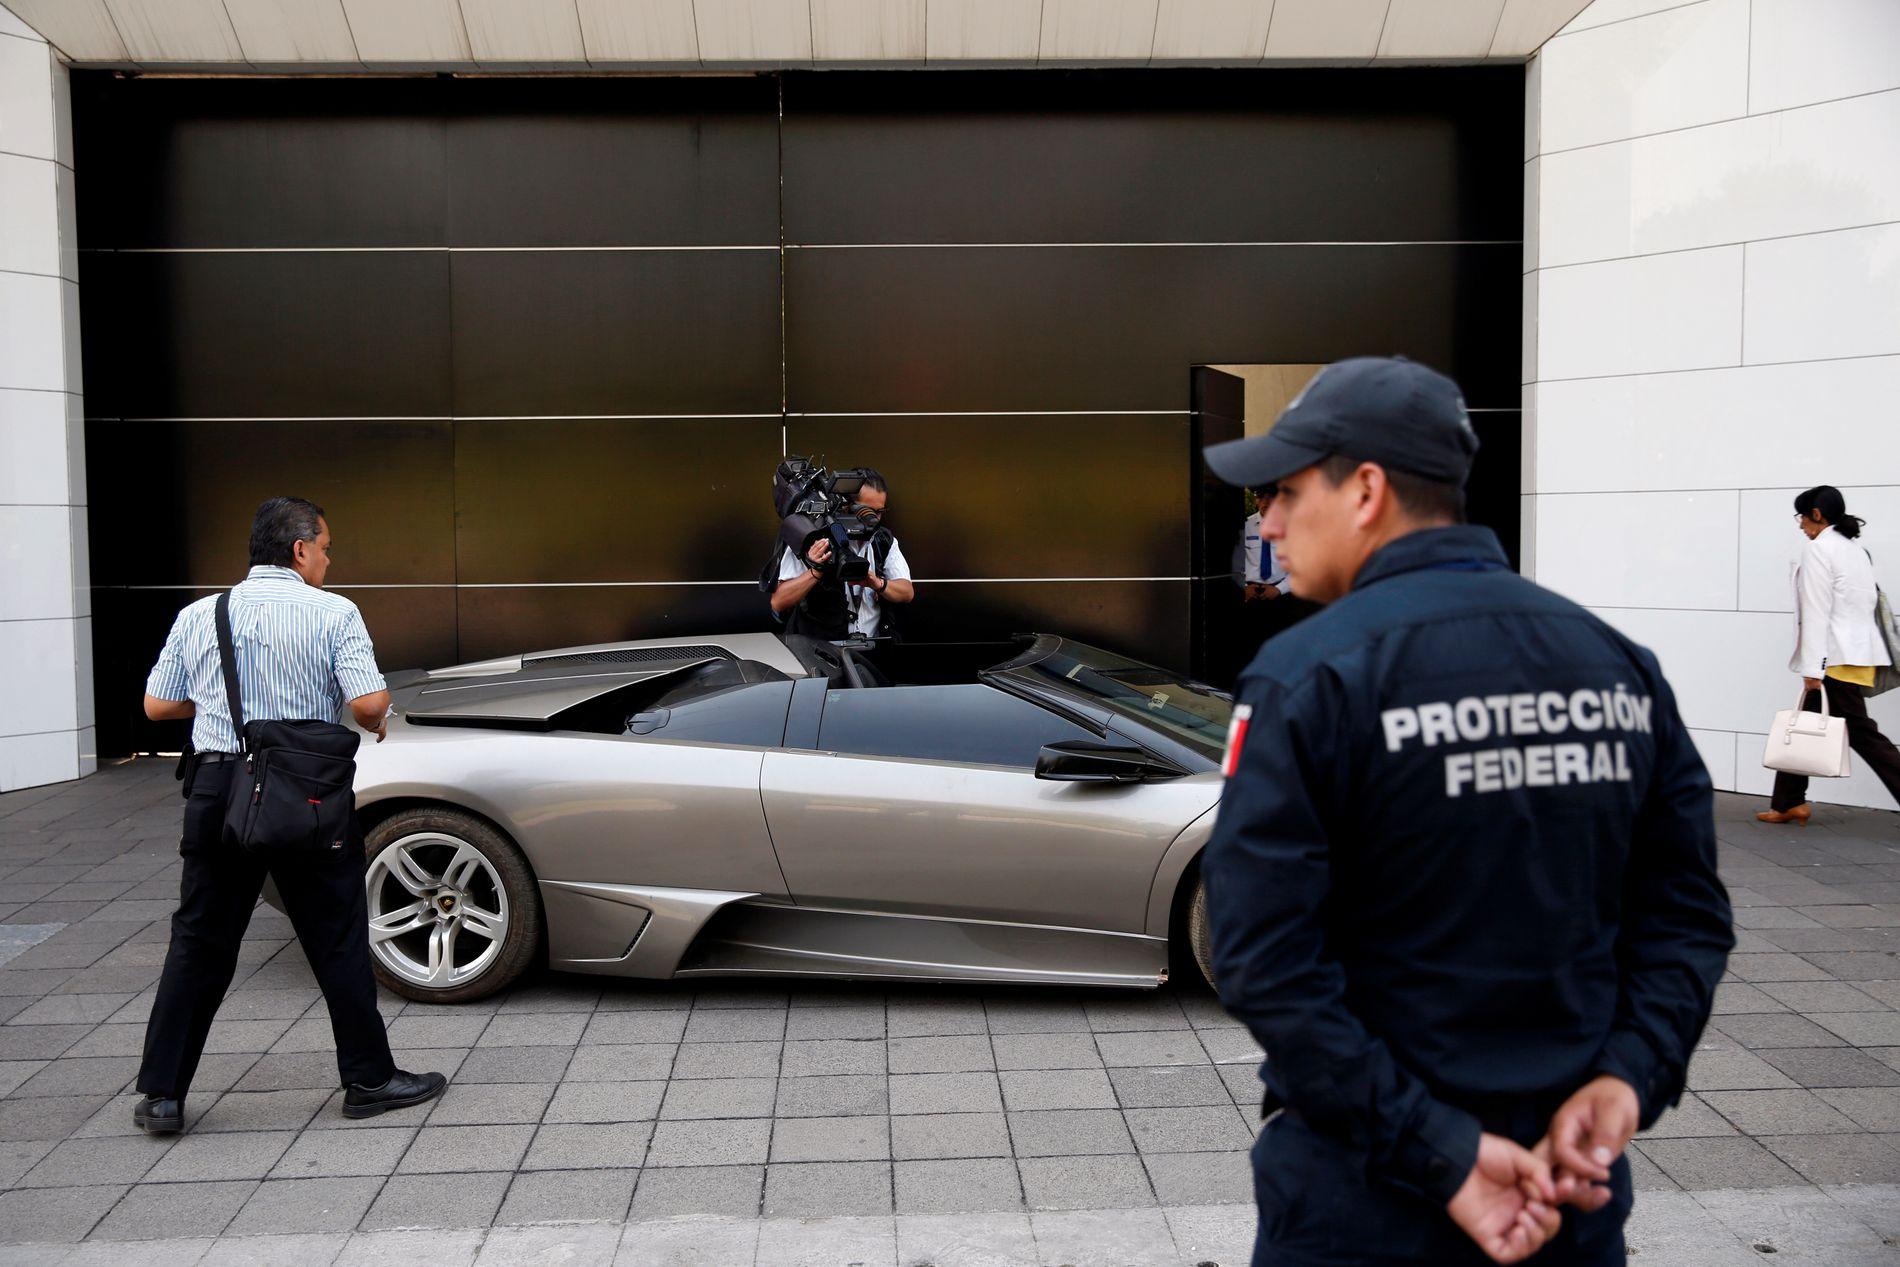 PÅ UTSTILLING: Blant bilene som er til salgs er en 2007 Lamborghini Murcielago. Bilen har politiet beslaglagt fra en kriminell.